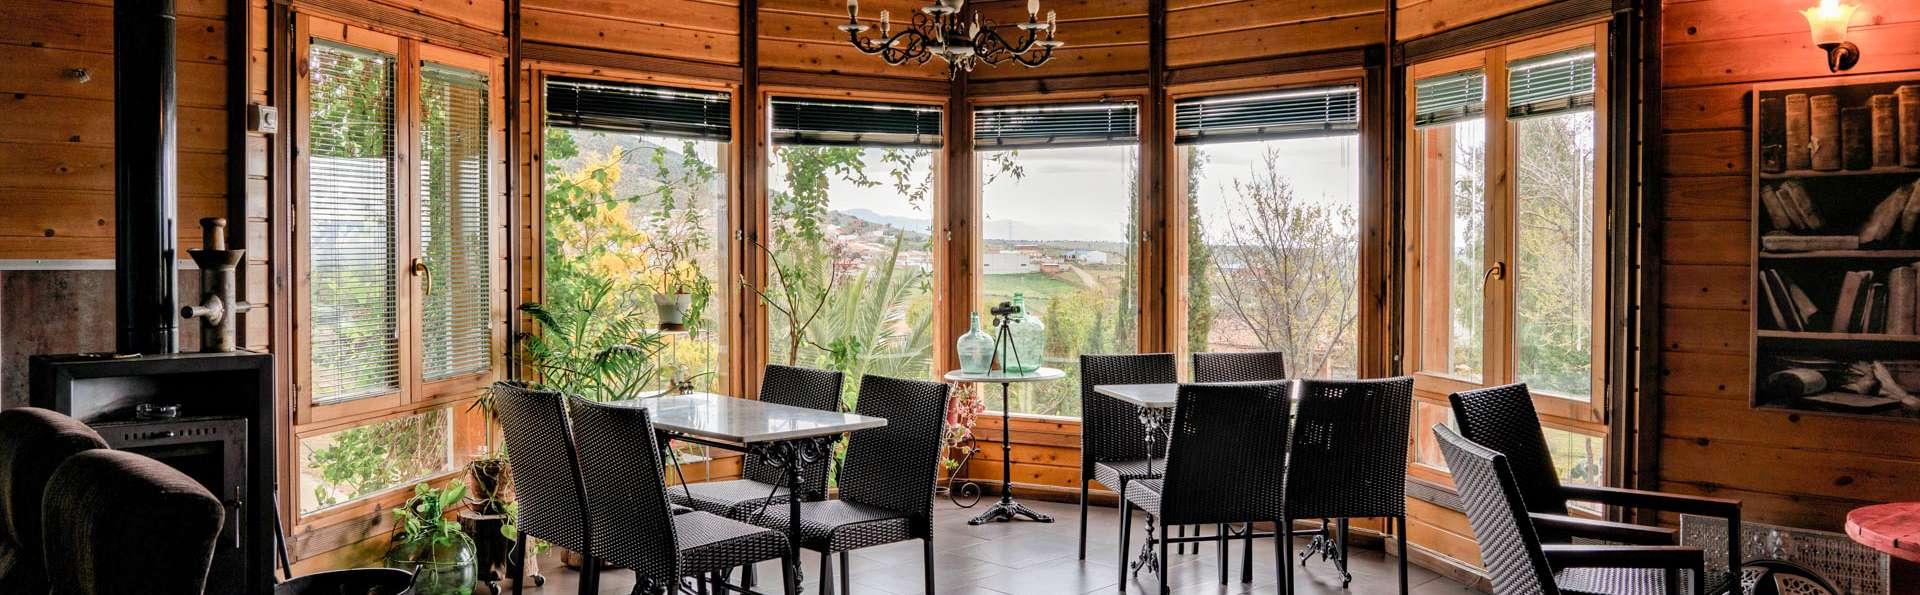 Casa del Valle Hotel Rural - EDIT_N2_LOUNGE_01.jpg